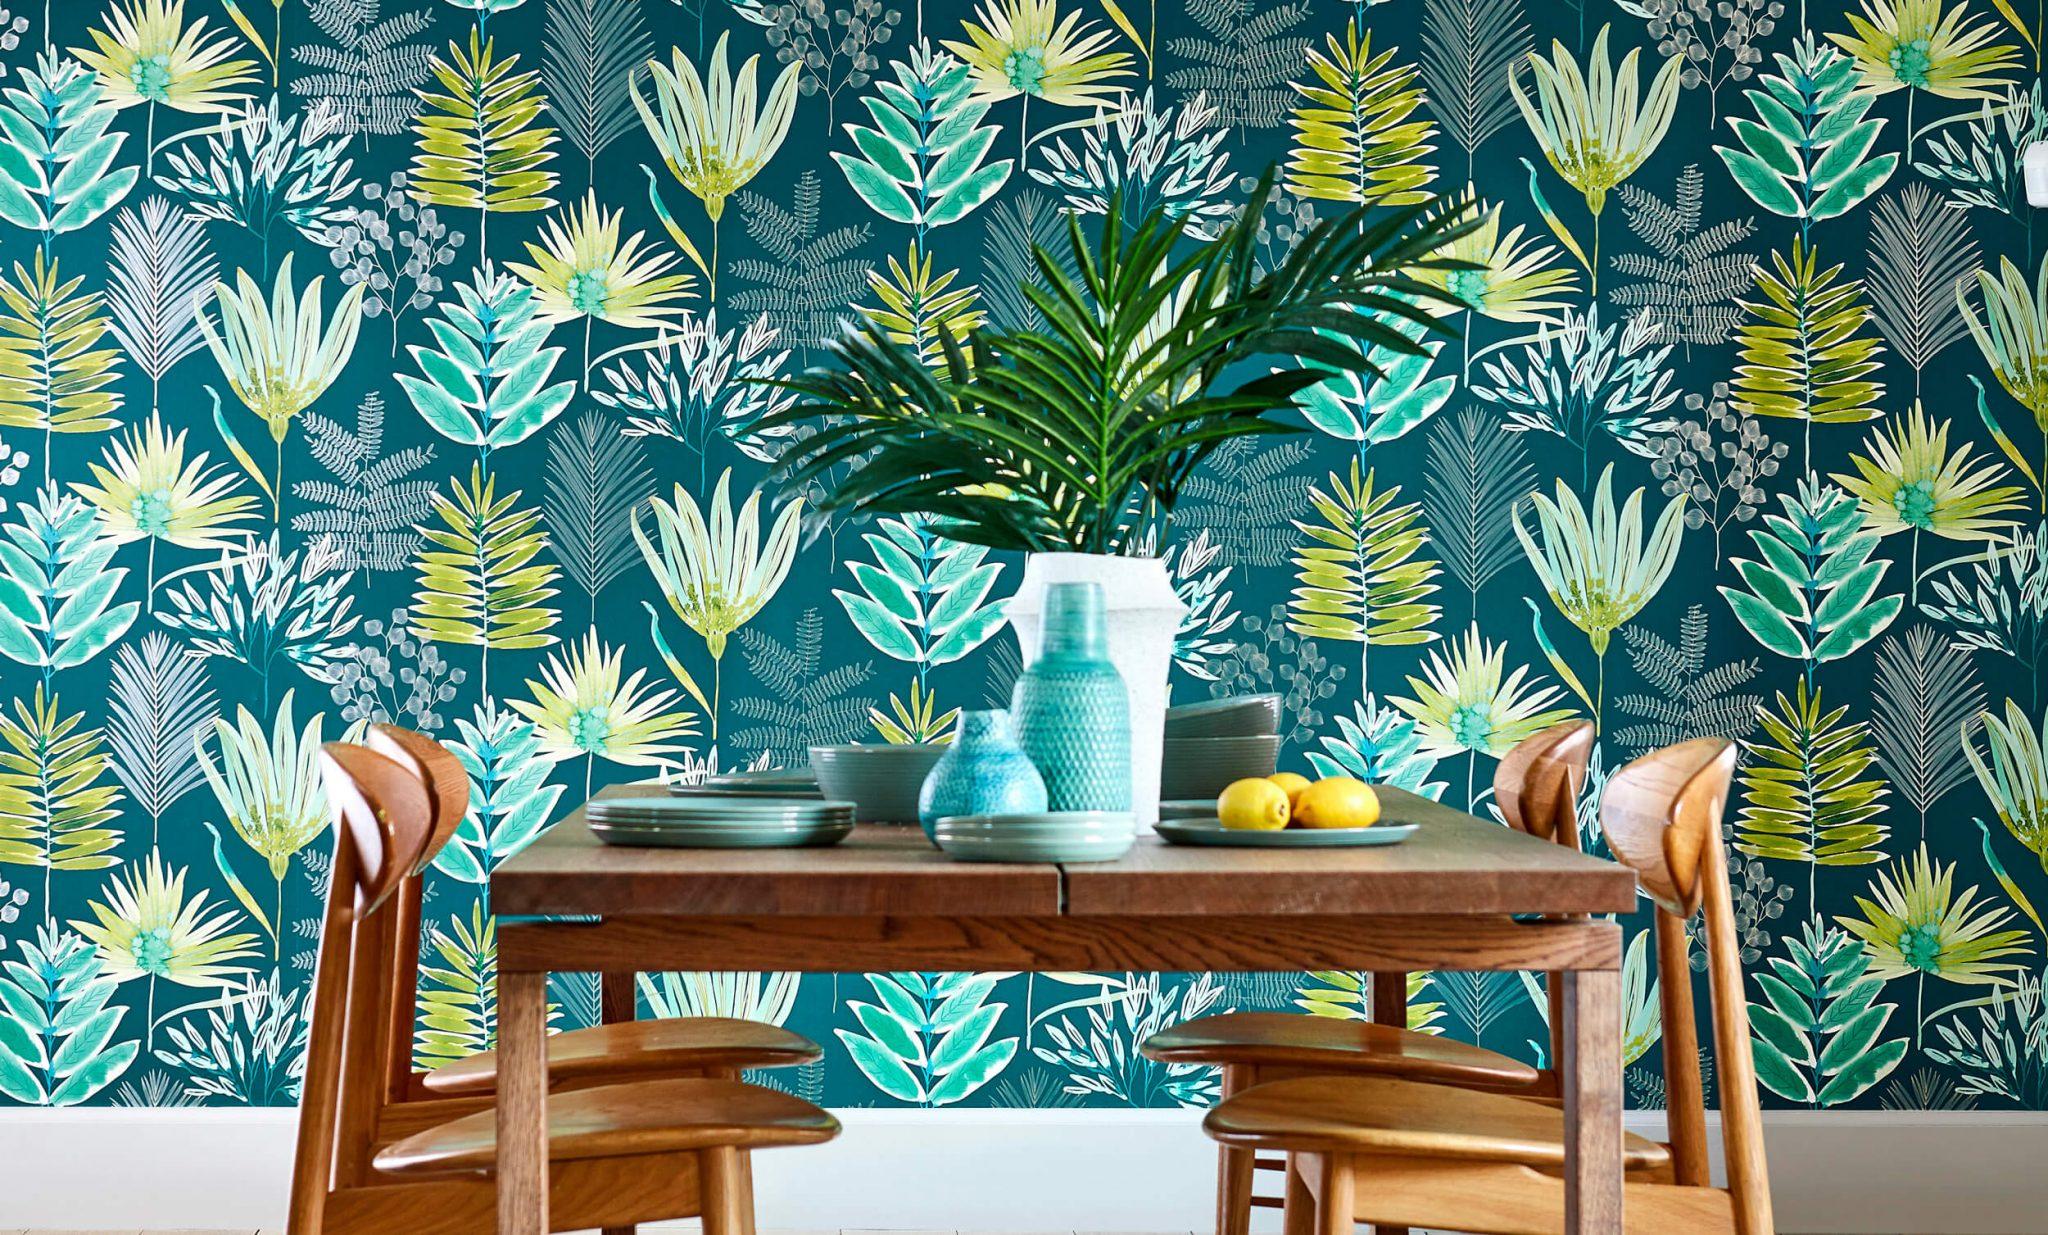 vinyl - Harga Wallpaper Dinding per Roll  dan Jenisnya yang Cocok untuk Dekorasi Rumah - wallpapercollection.com